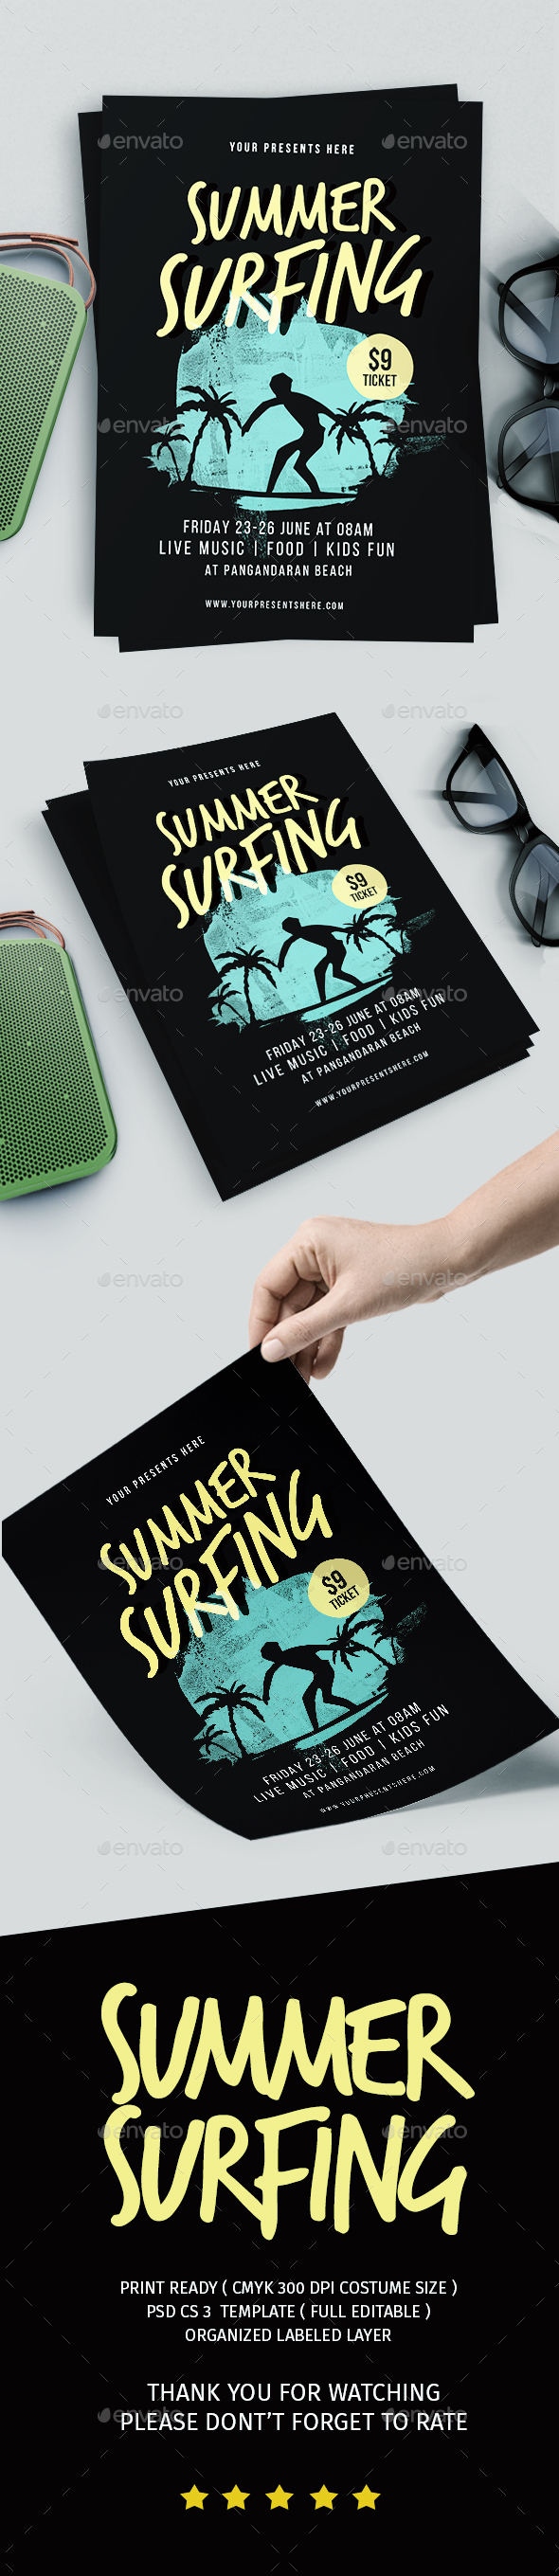 Summer Surfing Flyer